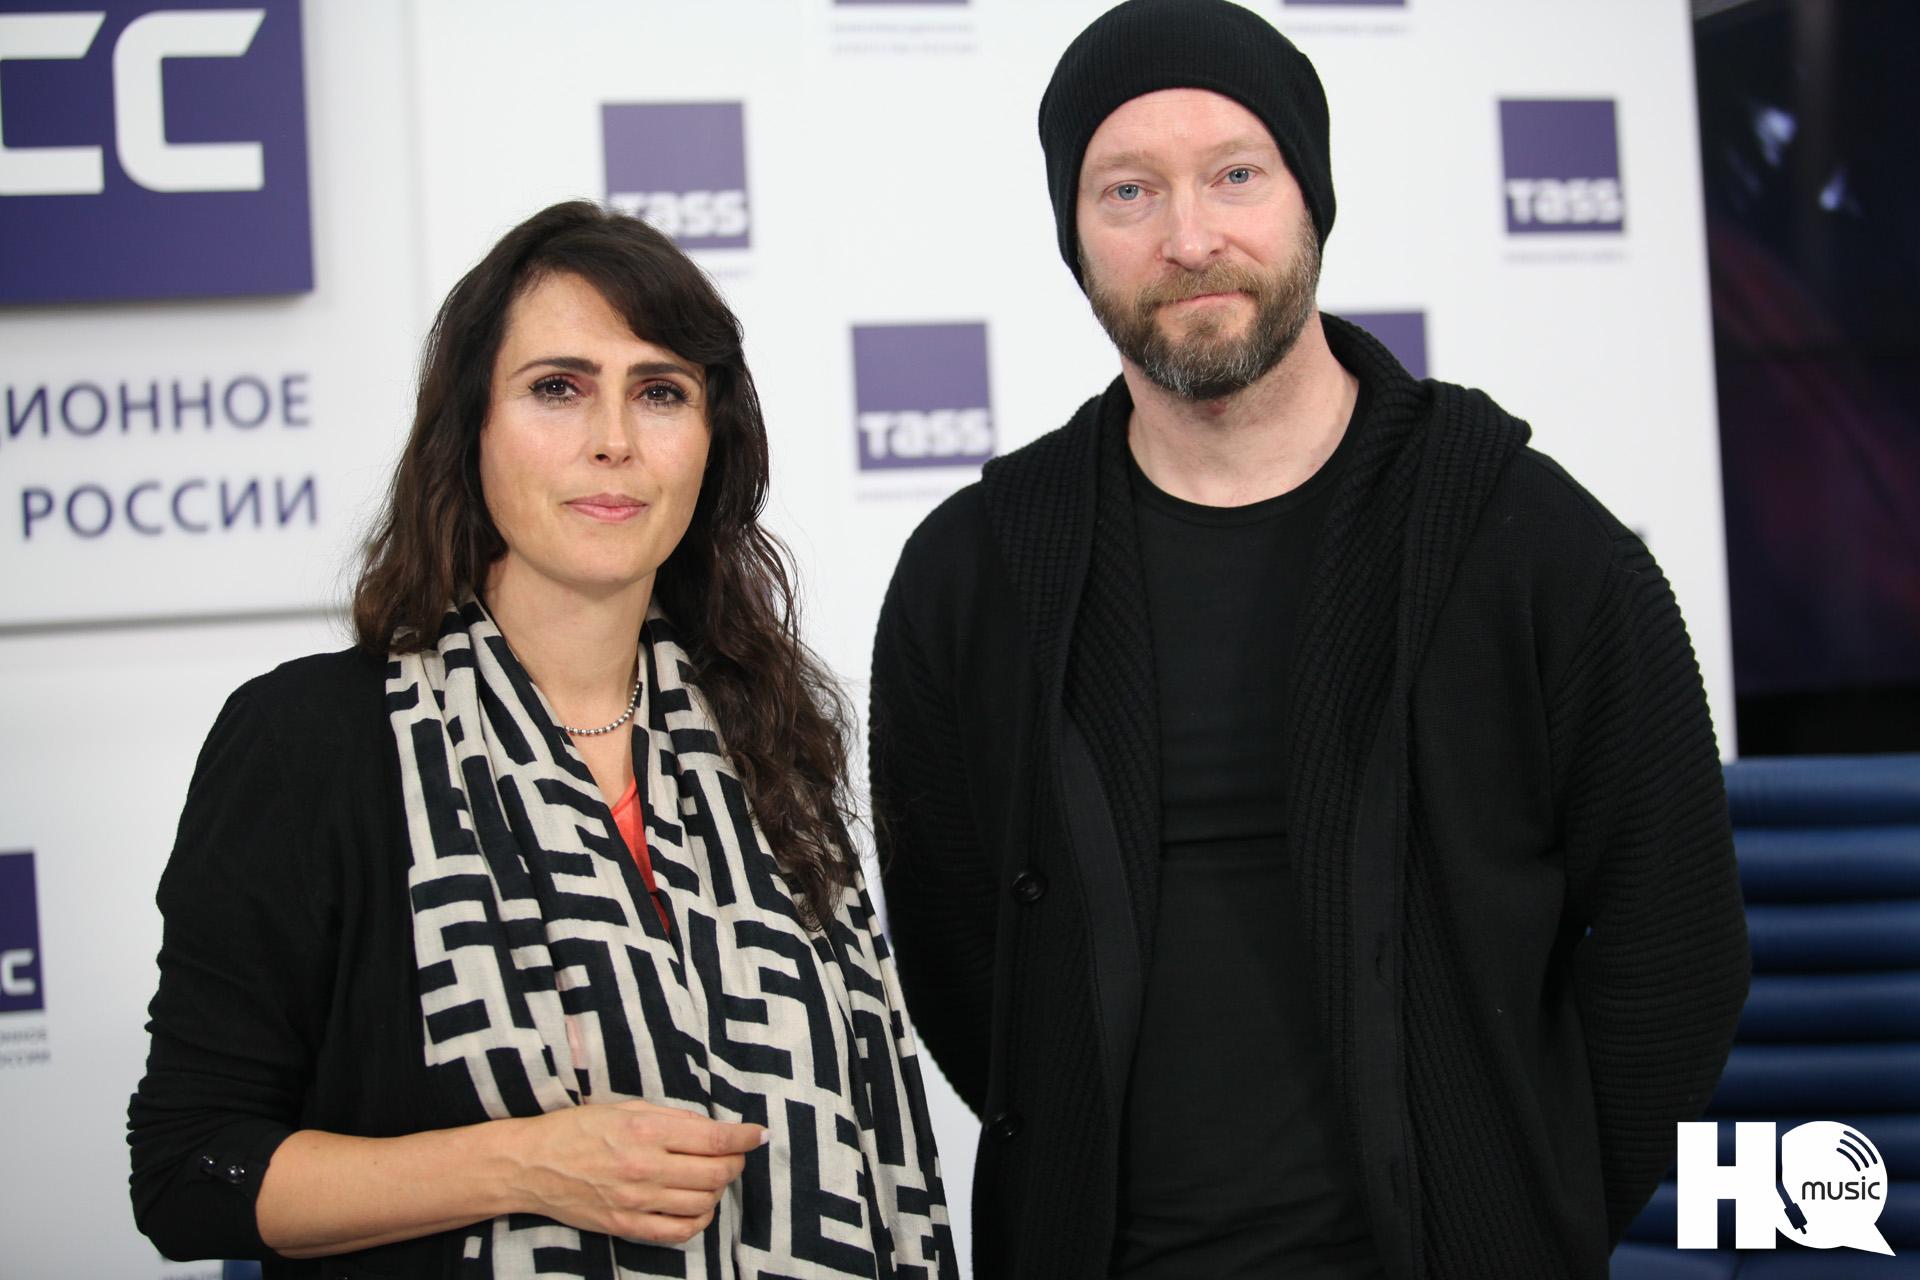 """Редакция MusicHQ на пресс-конференции нового альбома """"Resist"""" группы Within Temptation в ТАСС (Москва, 18 октября)"""